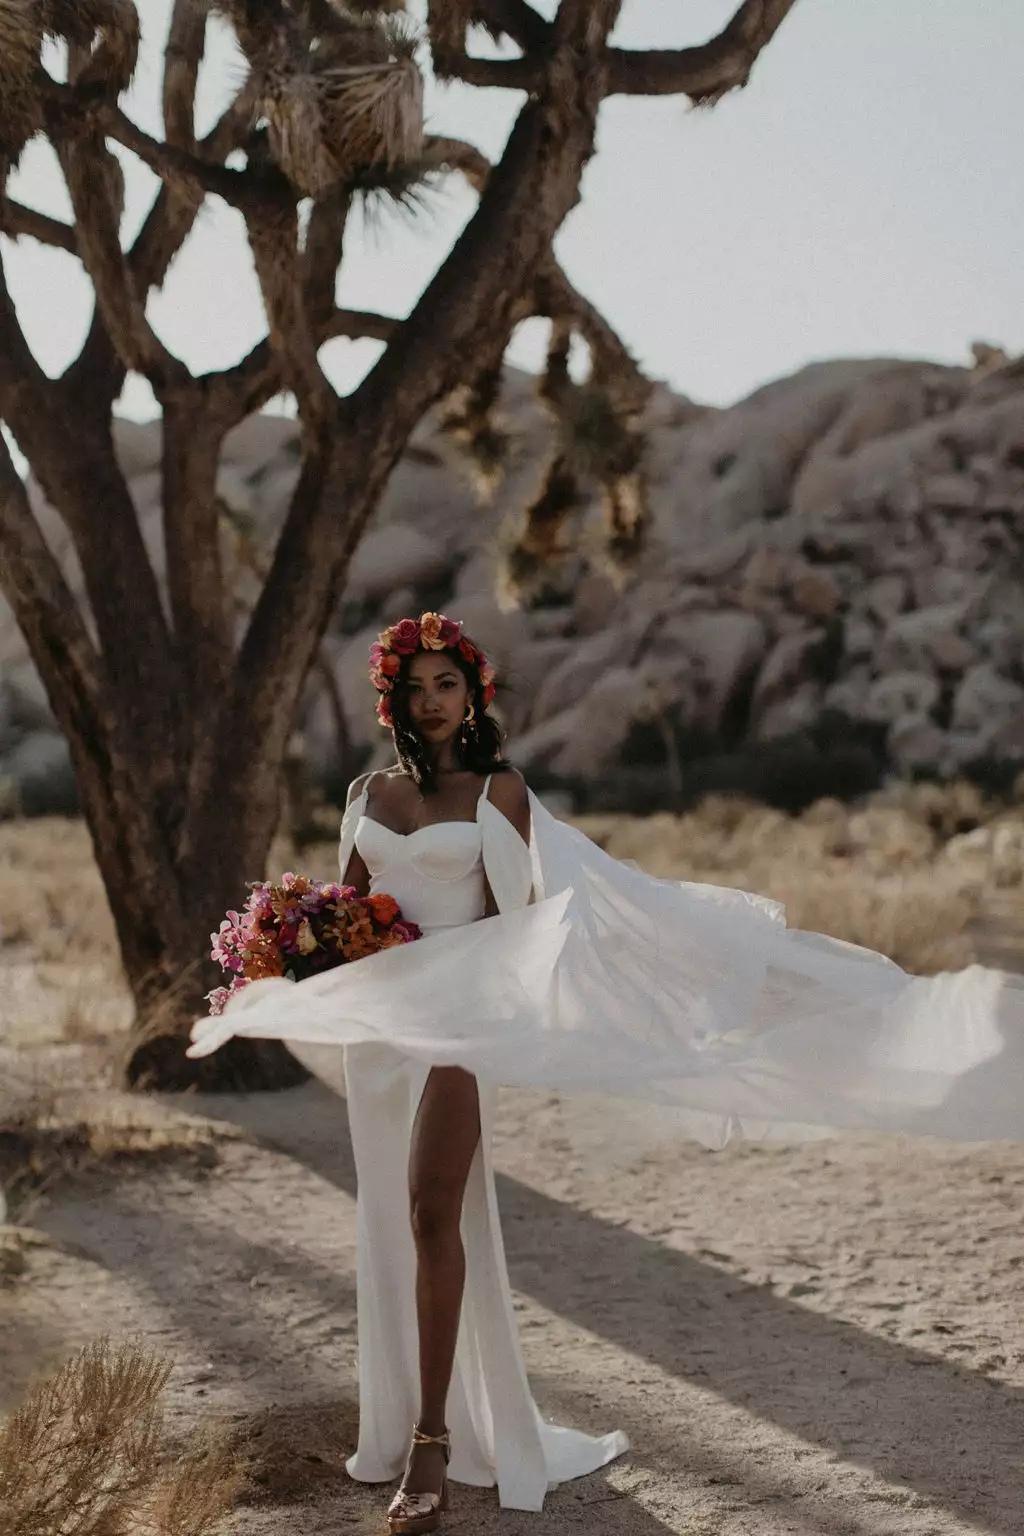 hVDQ0C4IBp0 - Найти свадебного ведущего оказалось проще простого